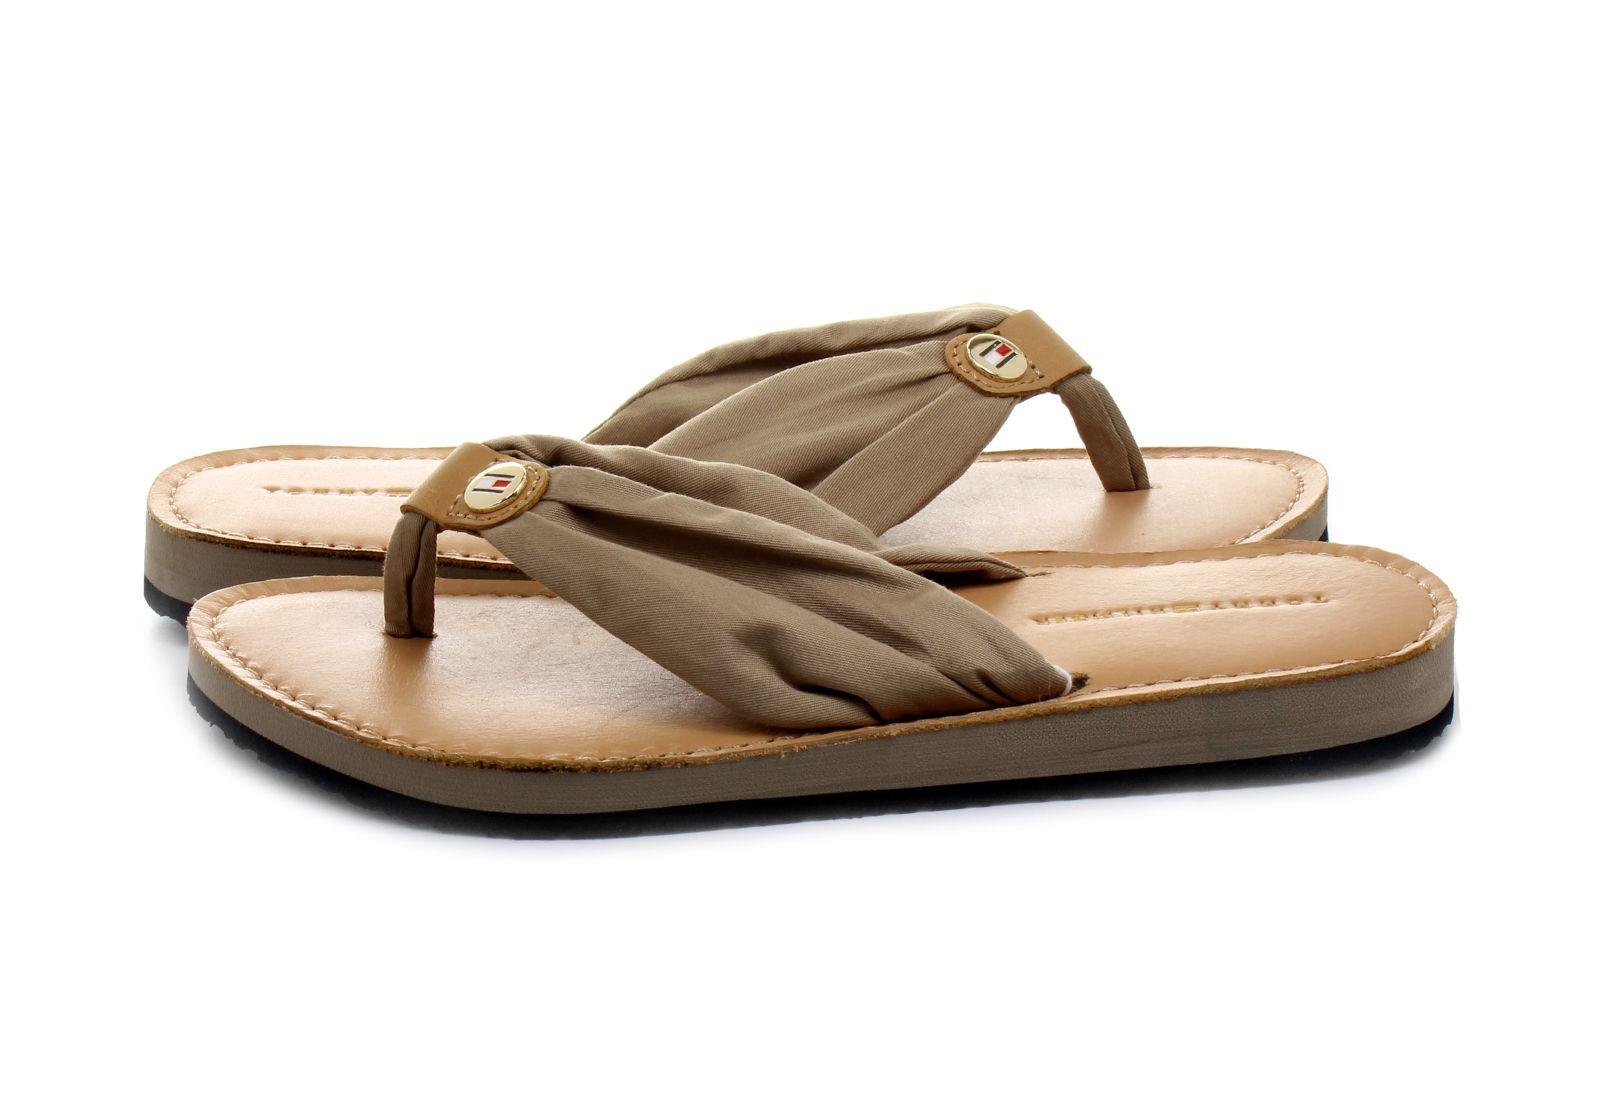 Tommy Hilfiger Papuče I Natikače Smeđe Papuče I Natikače - Monica 14d3 - Office  Shoes - Online trgovina obuće ab8fa6a6a9